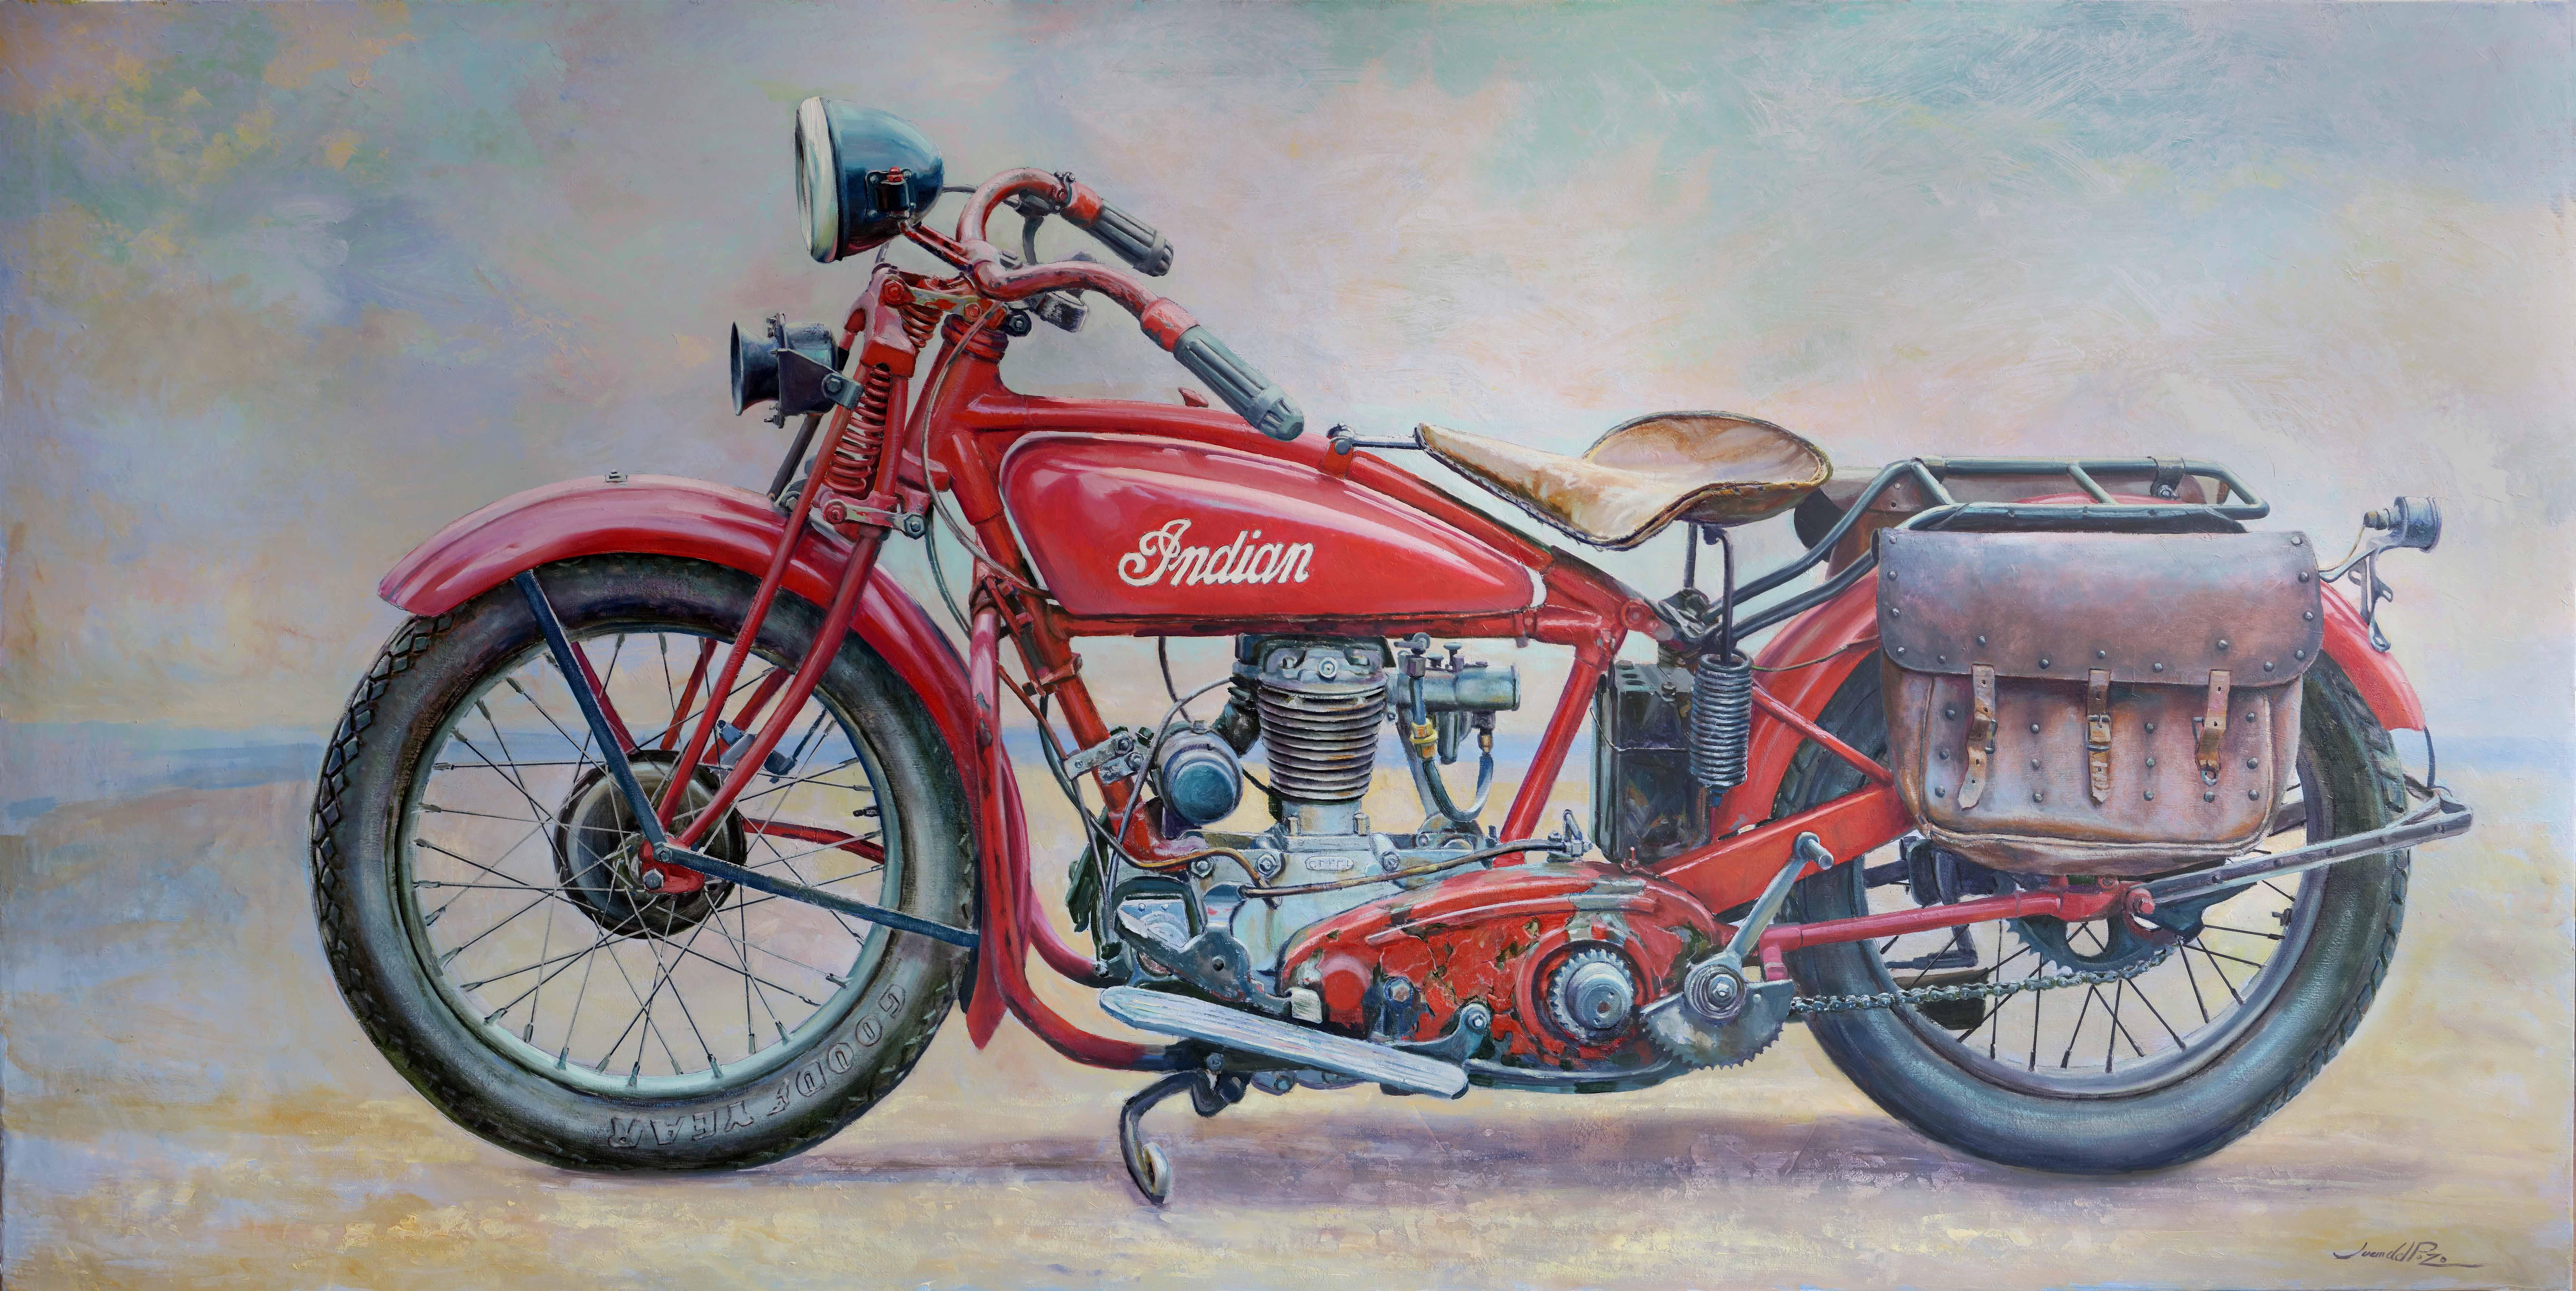 Moto-Indian